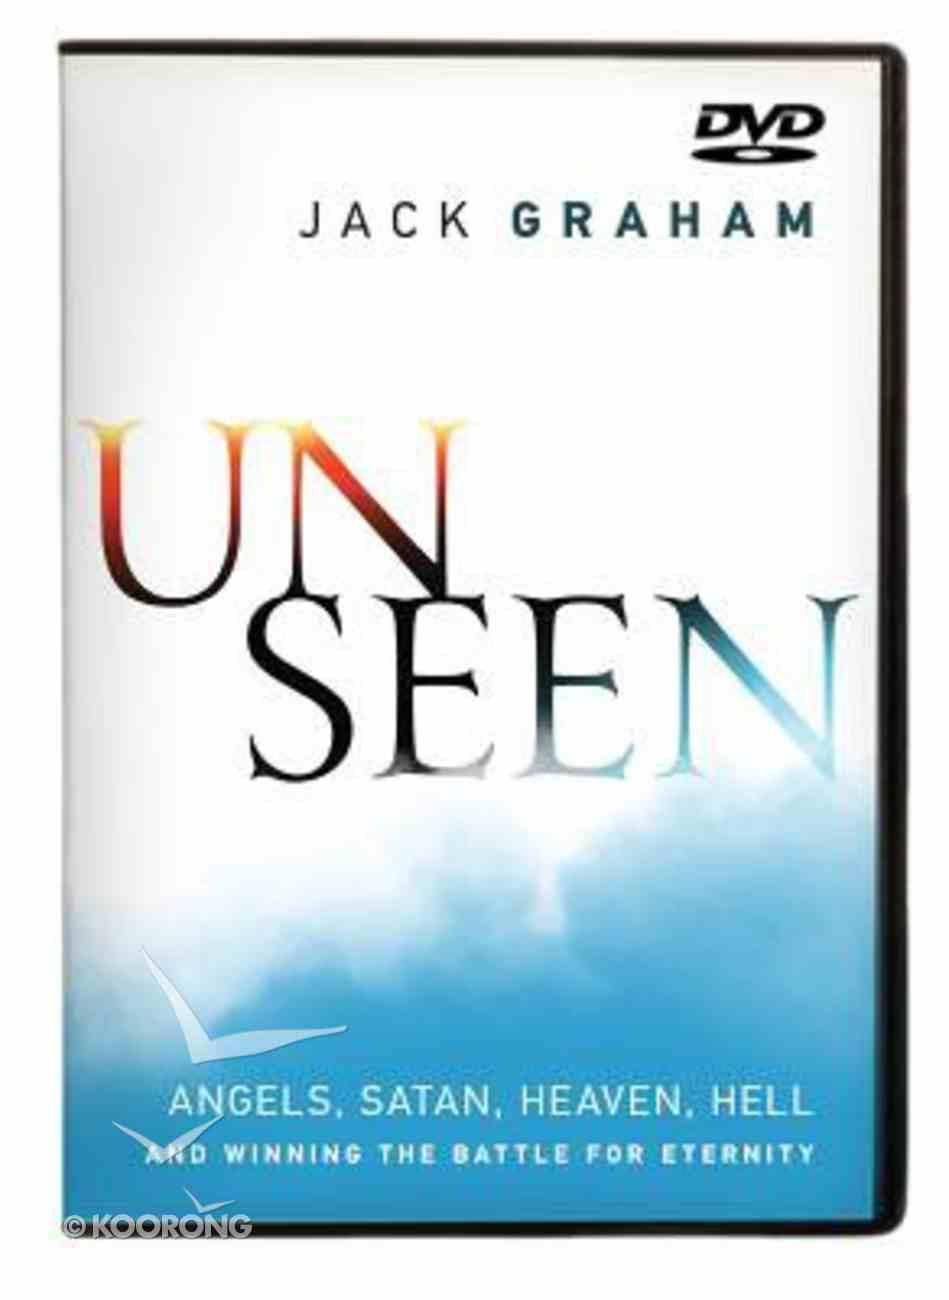 Unseen (Dvd Curriculum) DVD